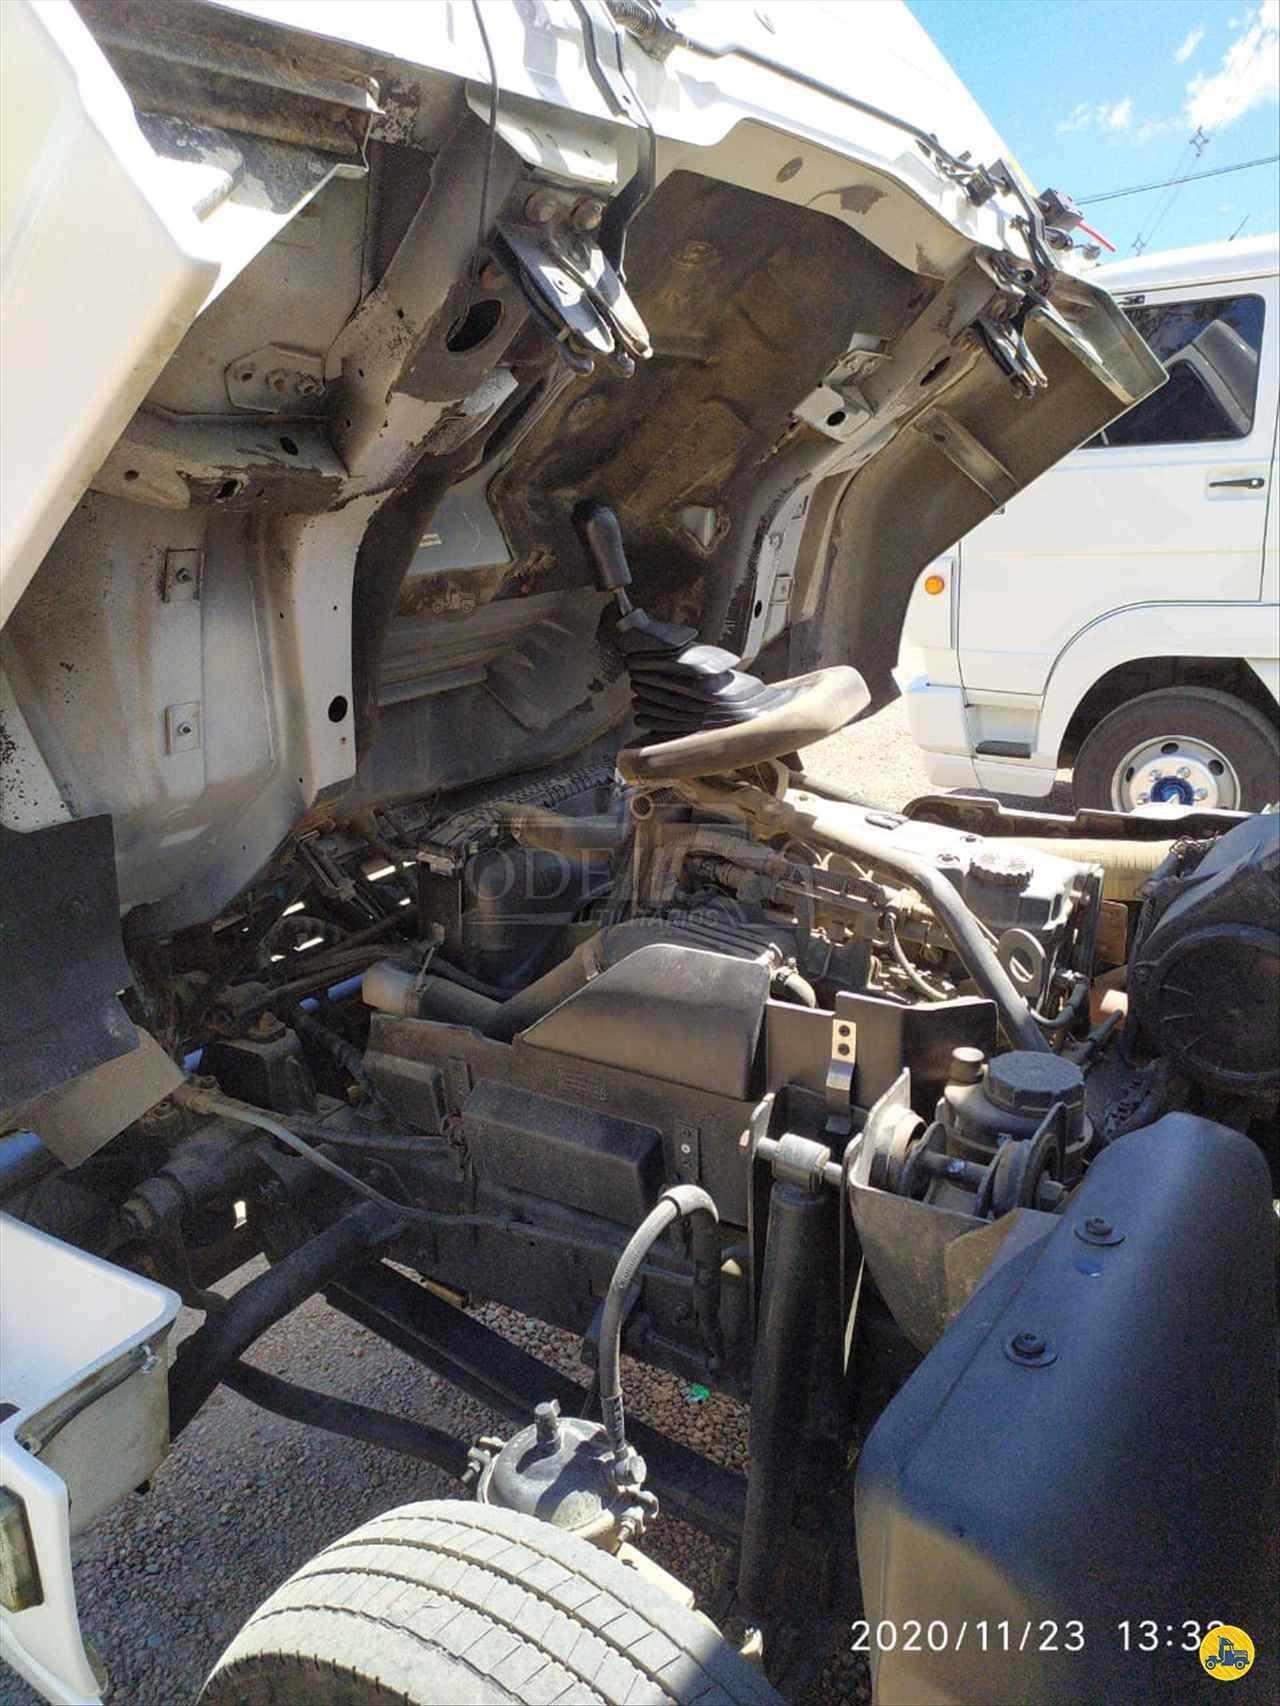 FORD CARGO 815 546880km 2012/2012 Odelli Utilitários